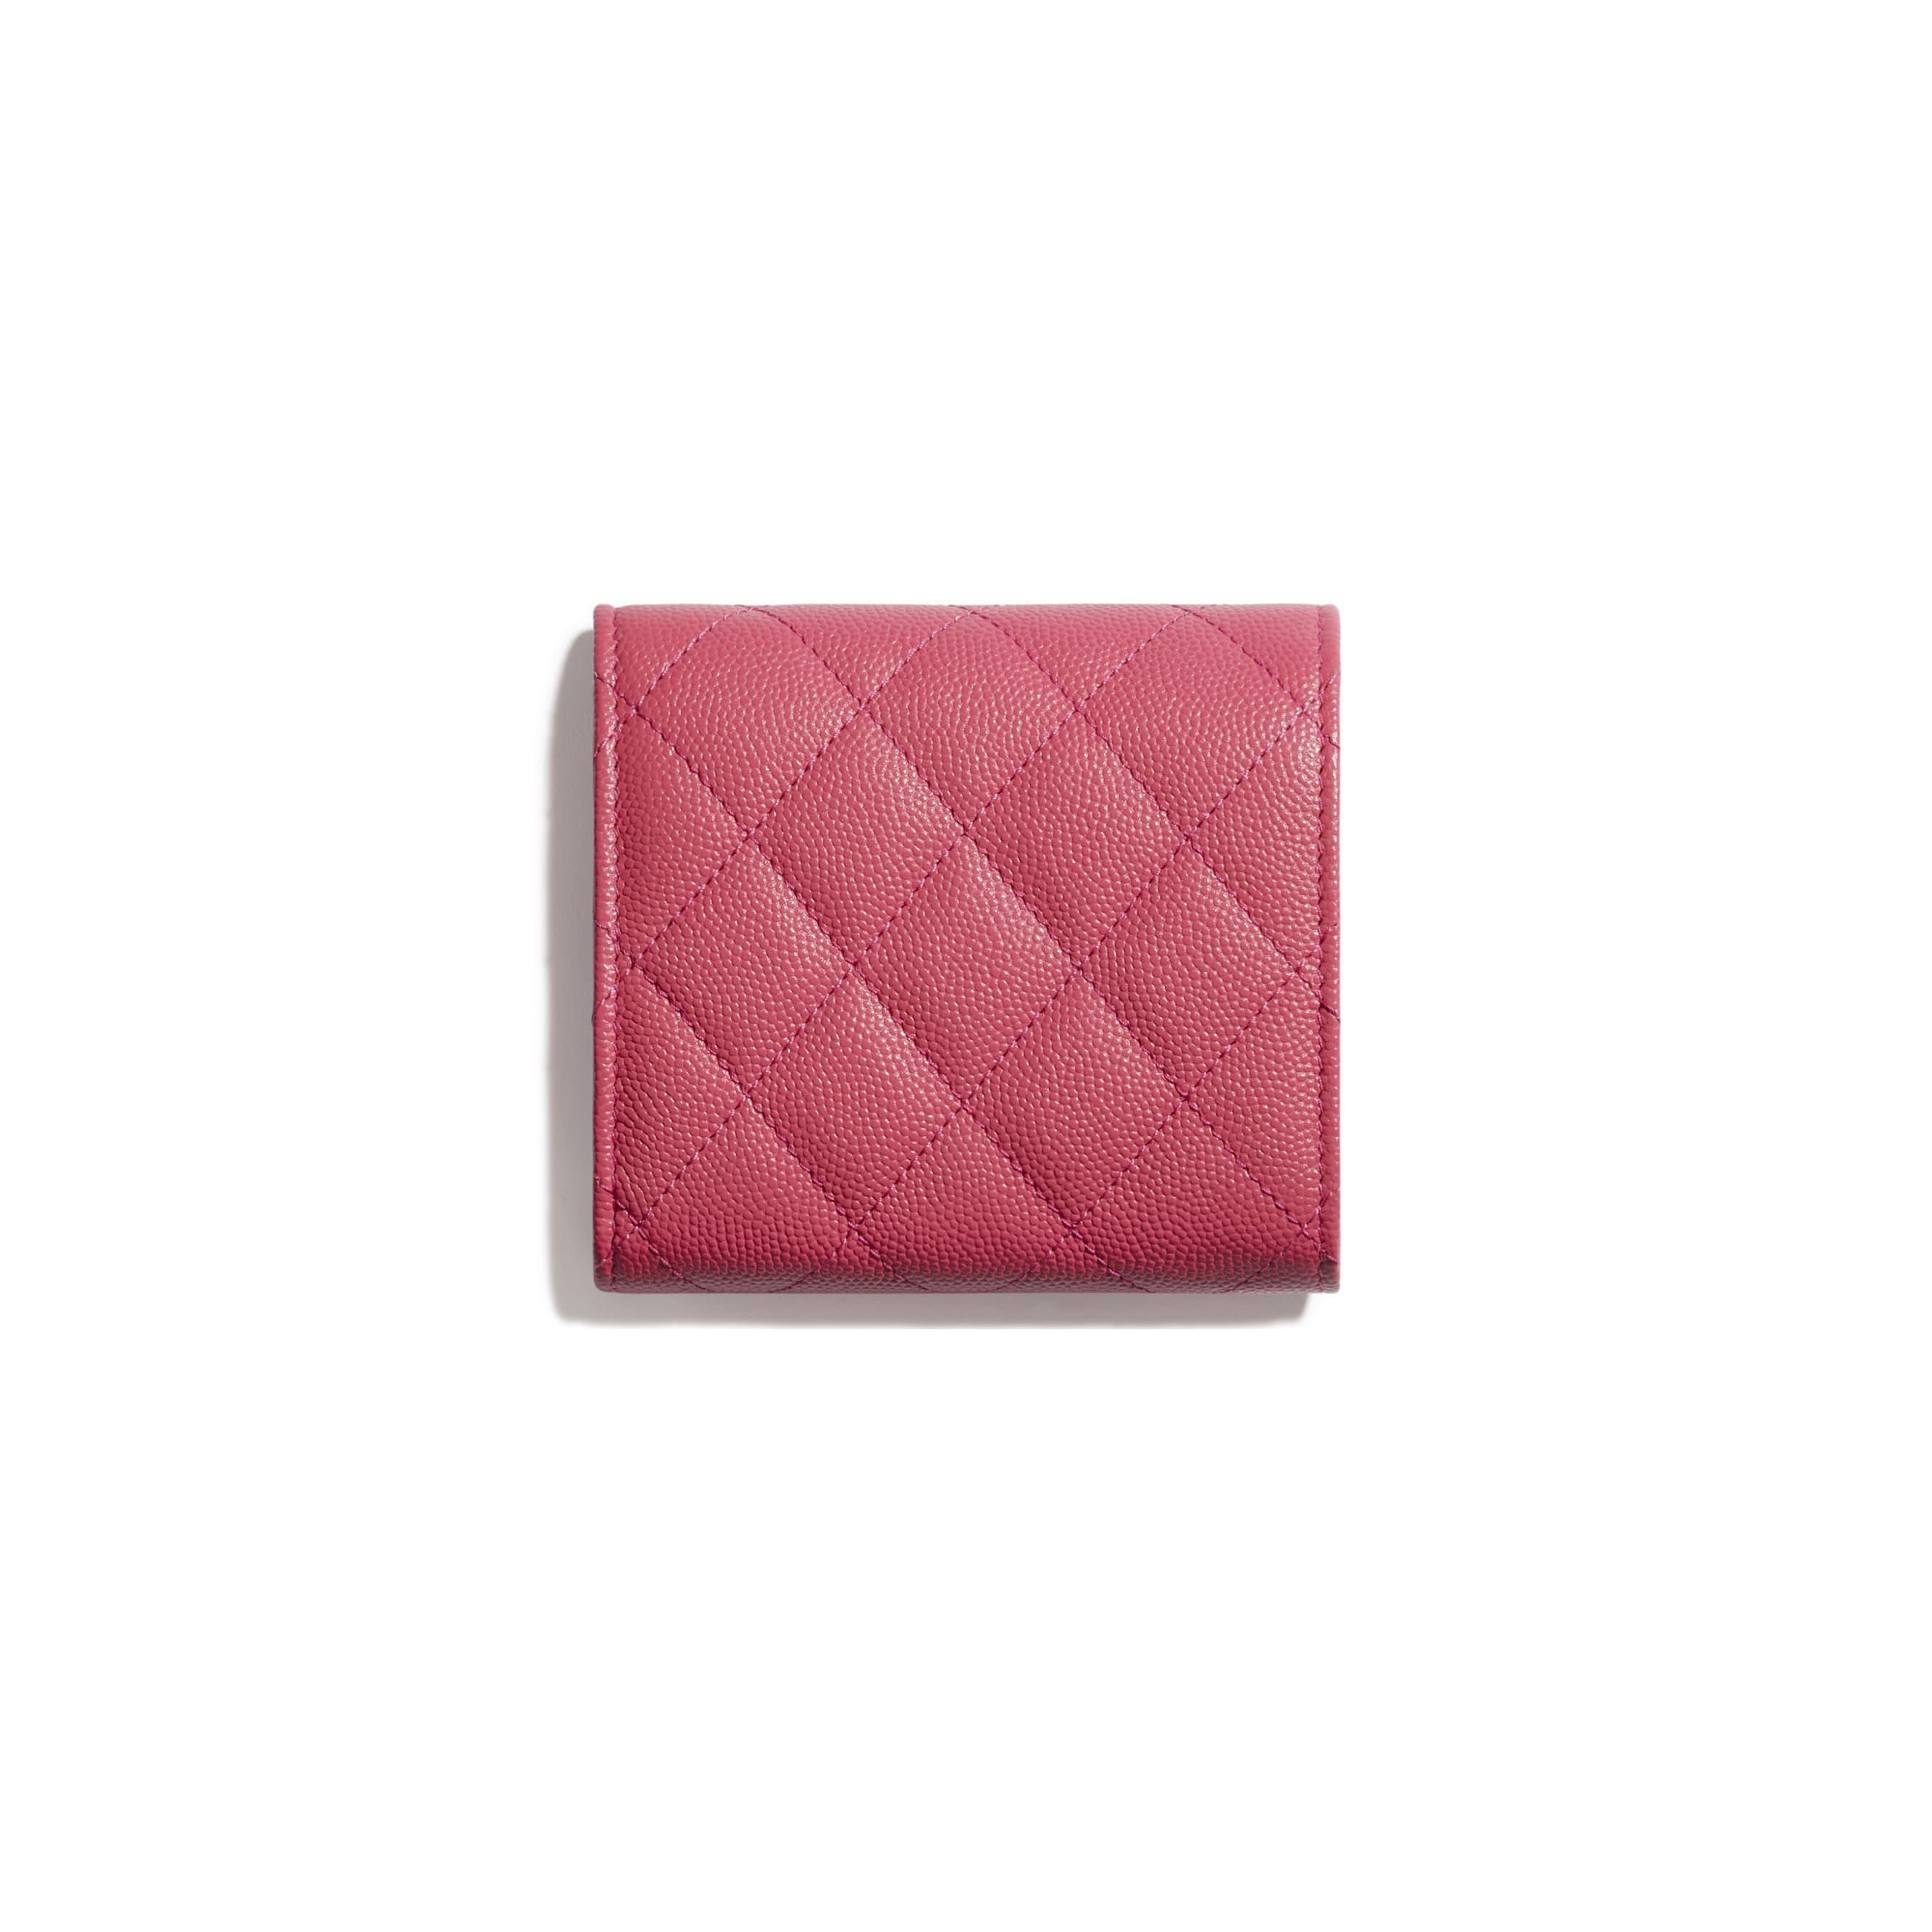 Mały porfel z klapką - Kolor różowy - Skóra cielęca o ziarnistej fakturze i metal w tonacji złotej - CHANEL - Widok alternatywny – zobacz w standardowym rozmiarze